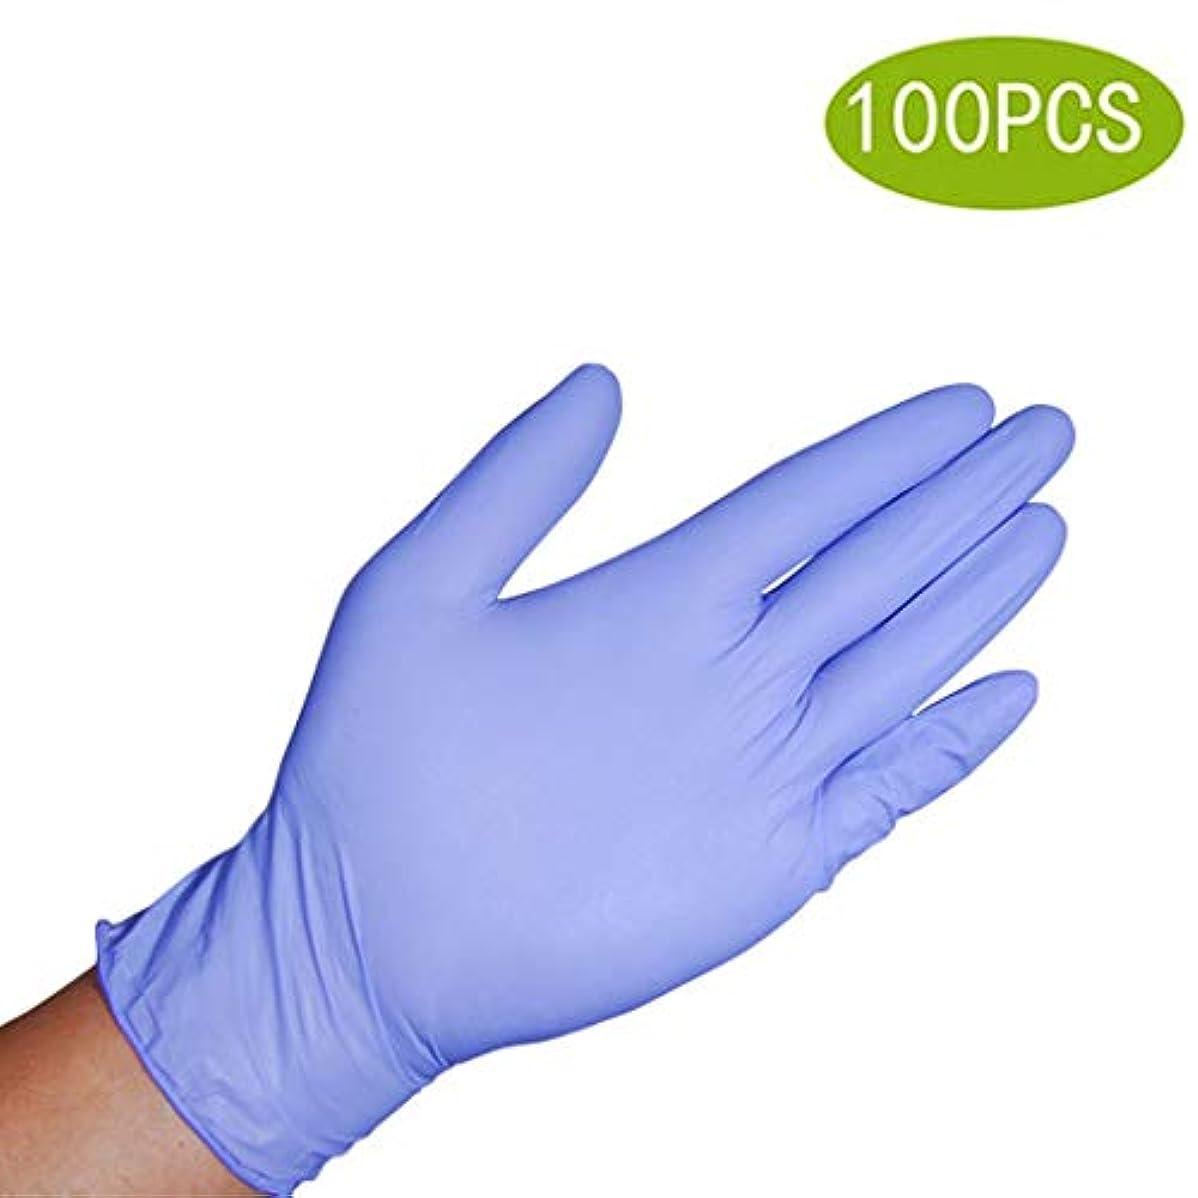 扱いやすいヒステリック数学者ラテックス手袋子供用手袋、4?10年間のニトリル手袋 - ラテックスフリー、食品グレード、パウダーフリー - クラフト、絵画、ガーデニング、調理、クリーニング用 - 100個入りパープル (Size : M)